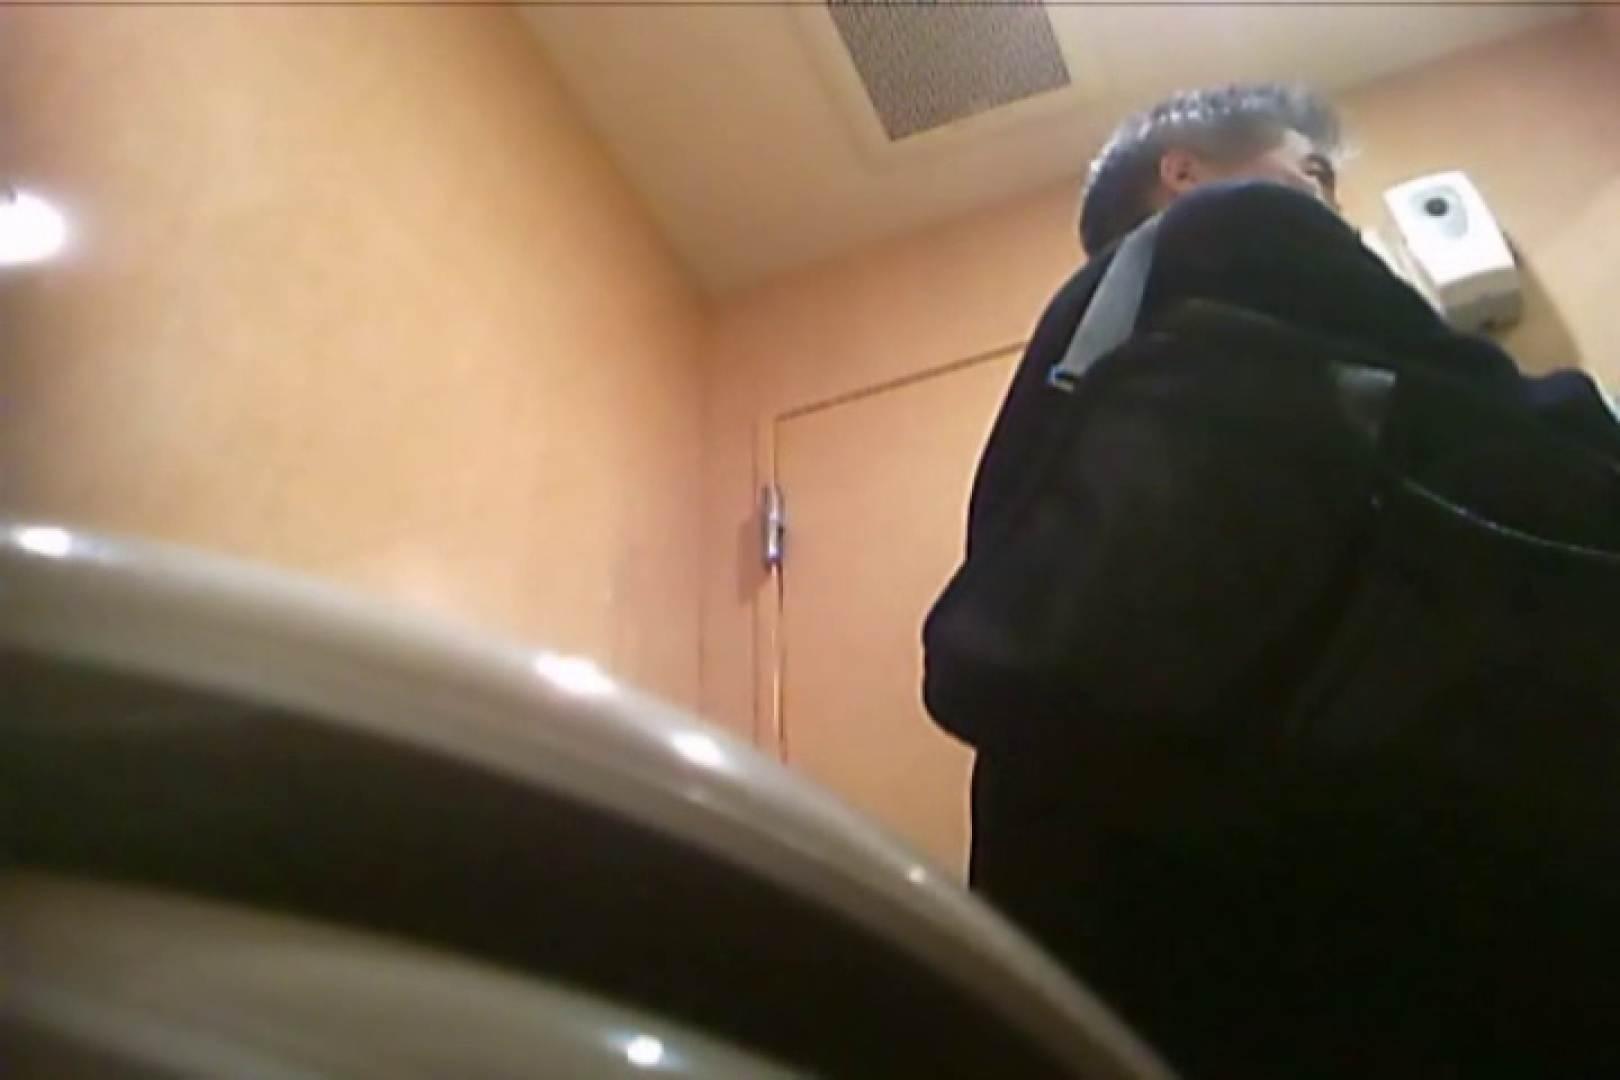 Gボーイ初投稿!掴み取りさんの洗面所覗き!in新幹線!VOL19 のぞき | リーマン系ボーイズ  54pic 2